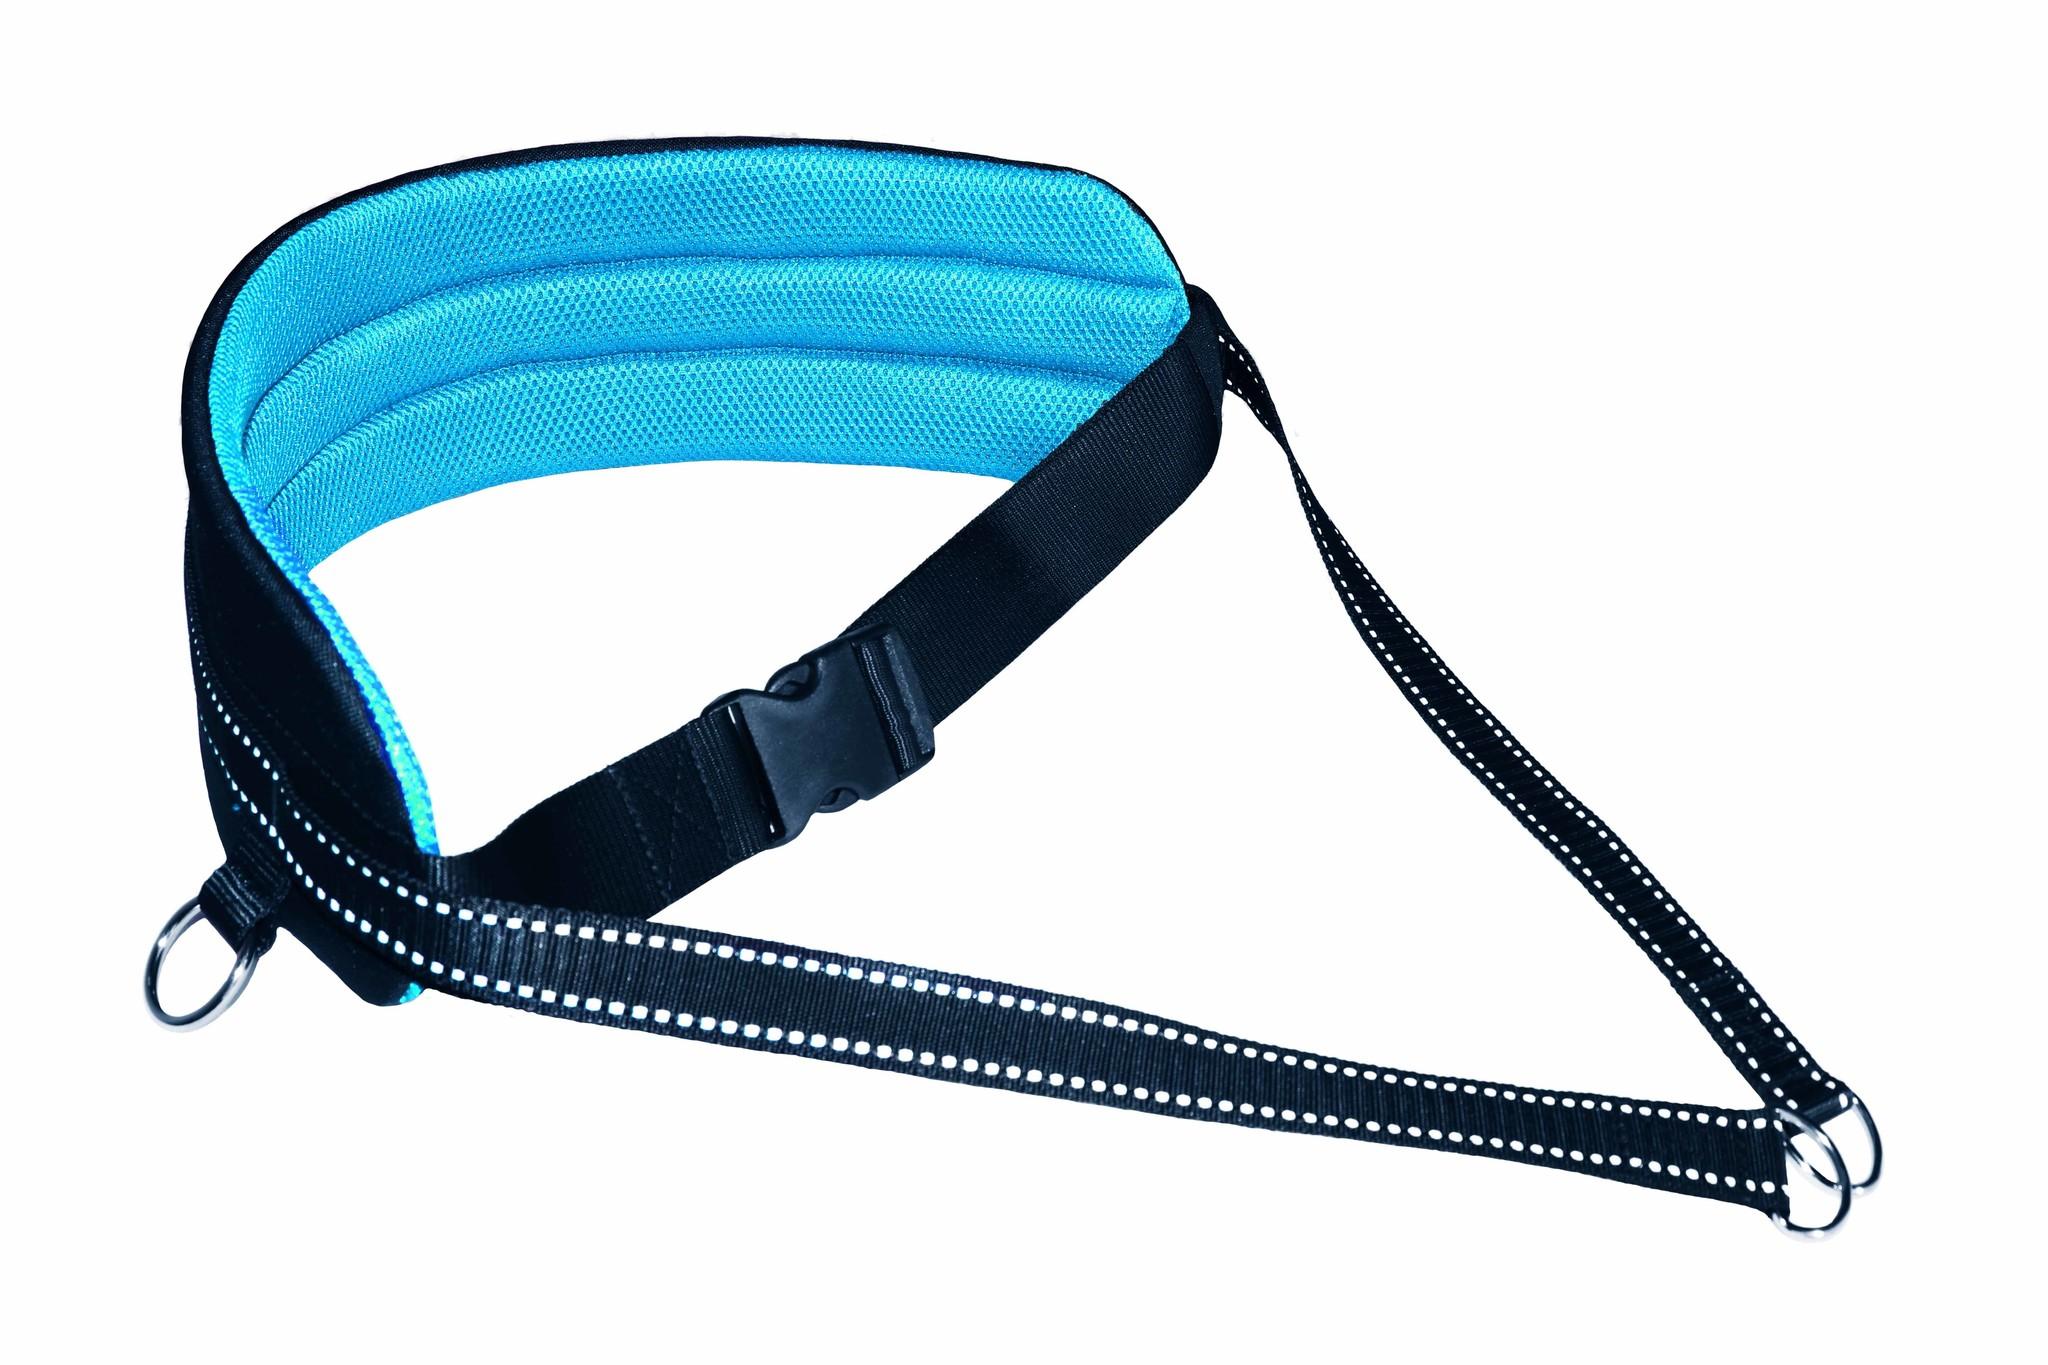 LasaLine LasaLine Bauchgurt mit Reflektoren  in hell Schwarz/Blauer Airmesh-Polsterung